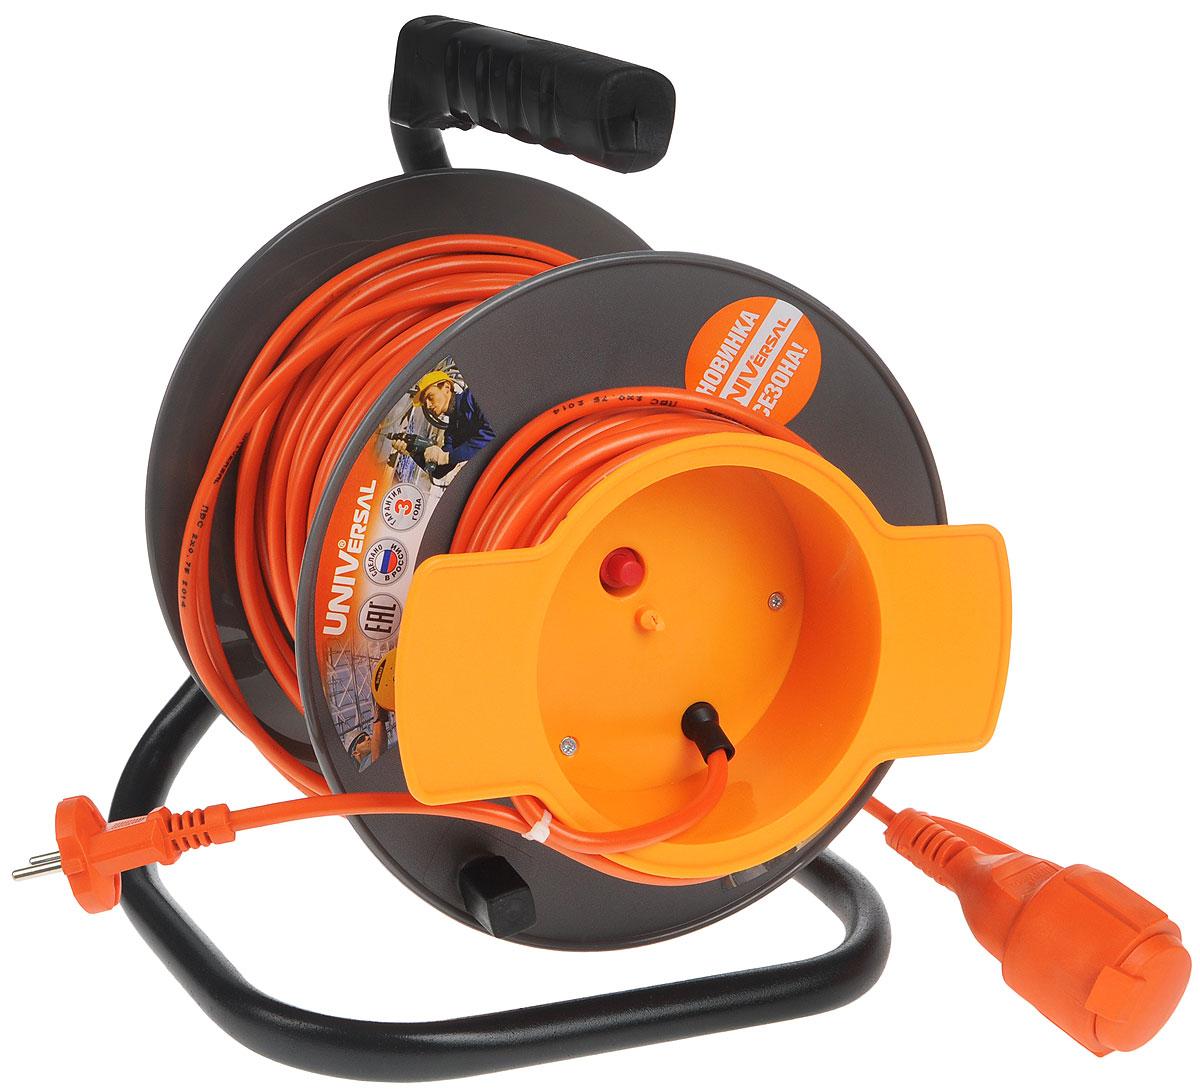 Удлинитель на катушке UNIVersal, без заземления, цвет: серый, оранжевый, 40 м9633261Удлинитель на катушке UNIVersal предназначен для подключения одного электроприбора. Будет полезен в гараже, на приусадебном участке, при проведении строительных, ремонтных и монтажных работ. Идеален для подключения газонокосилок, у которых предусмотрен короткий сетевой провод и фиксатор для соединения кабелей инструмента и удлинителя. Длина кабеля 40 метров позволит проводить необходимые работы на значительном расстоянии от источника питания. Рассчитан на напряжение 220В. Быстро сматывается/разматывается, экономя время оператора, удобен в хранении. Провод с поливинилхлоридной изоляцией обеспечивает надежность и безопасность работы. Характеристики: Длина провода: 40 м. Количество розеток: 1. Максимальная мощность: 1300 Вт. Максимальный ток: 6 A. Провод: ПВС 2 х 0,75 мм.